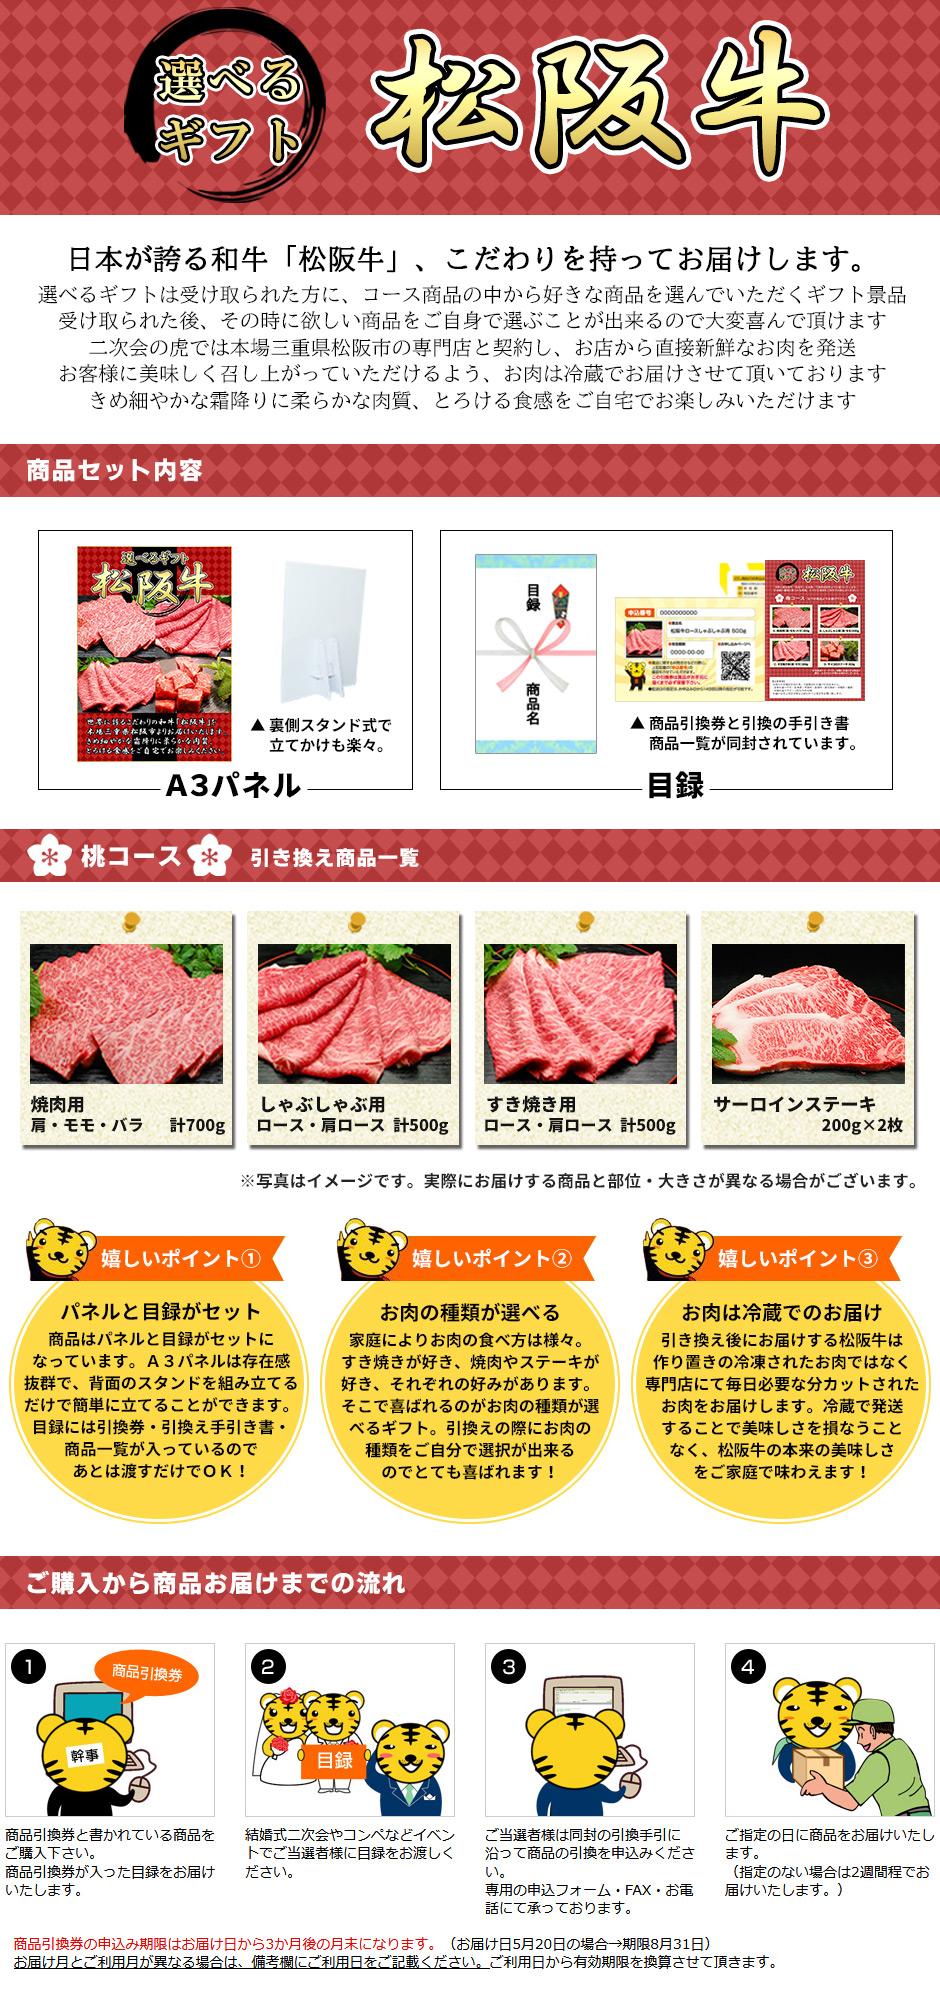 は いろ 桜 肉 の DICカラーガイド :